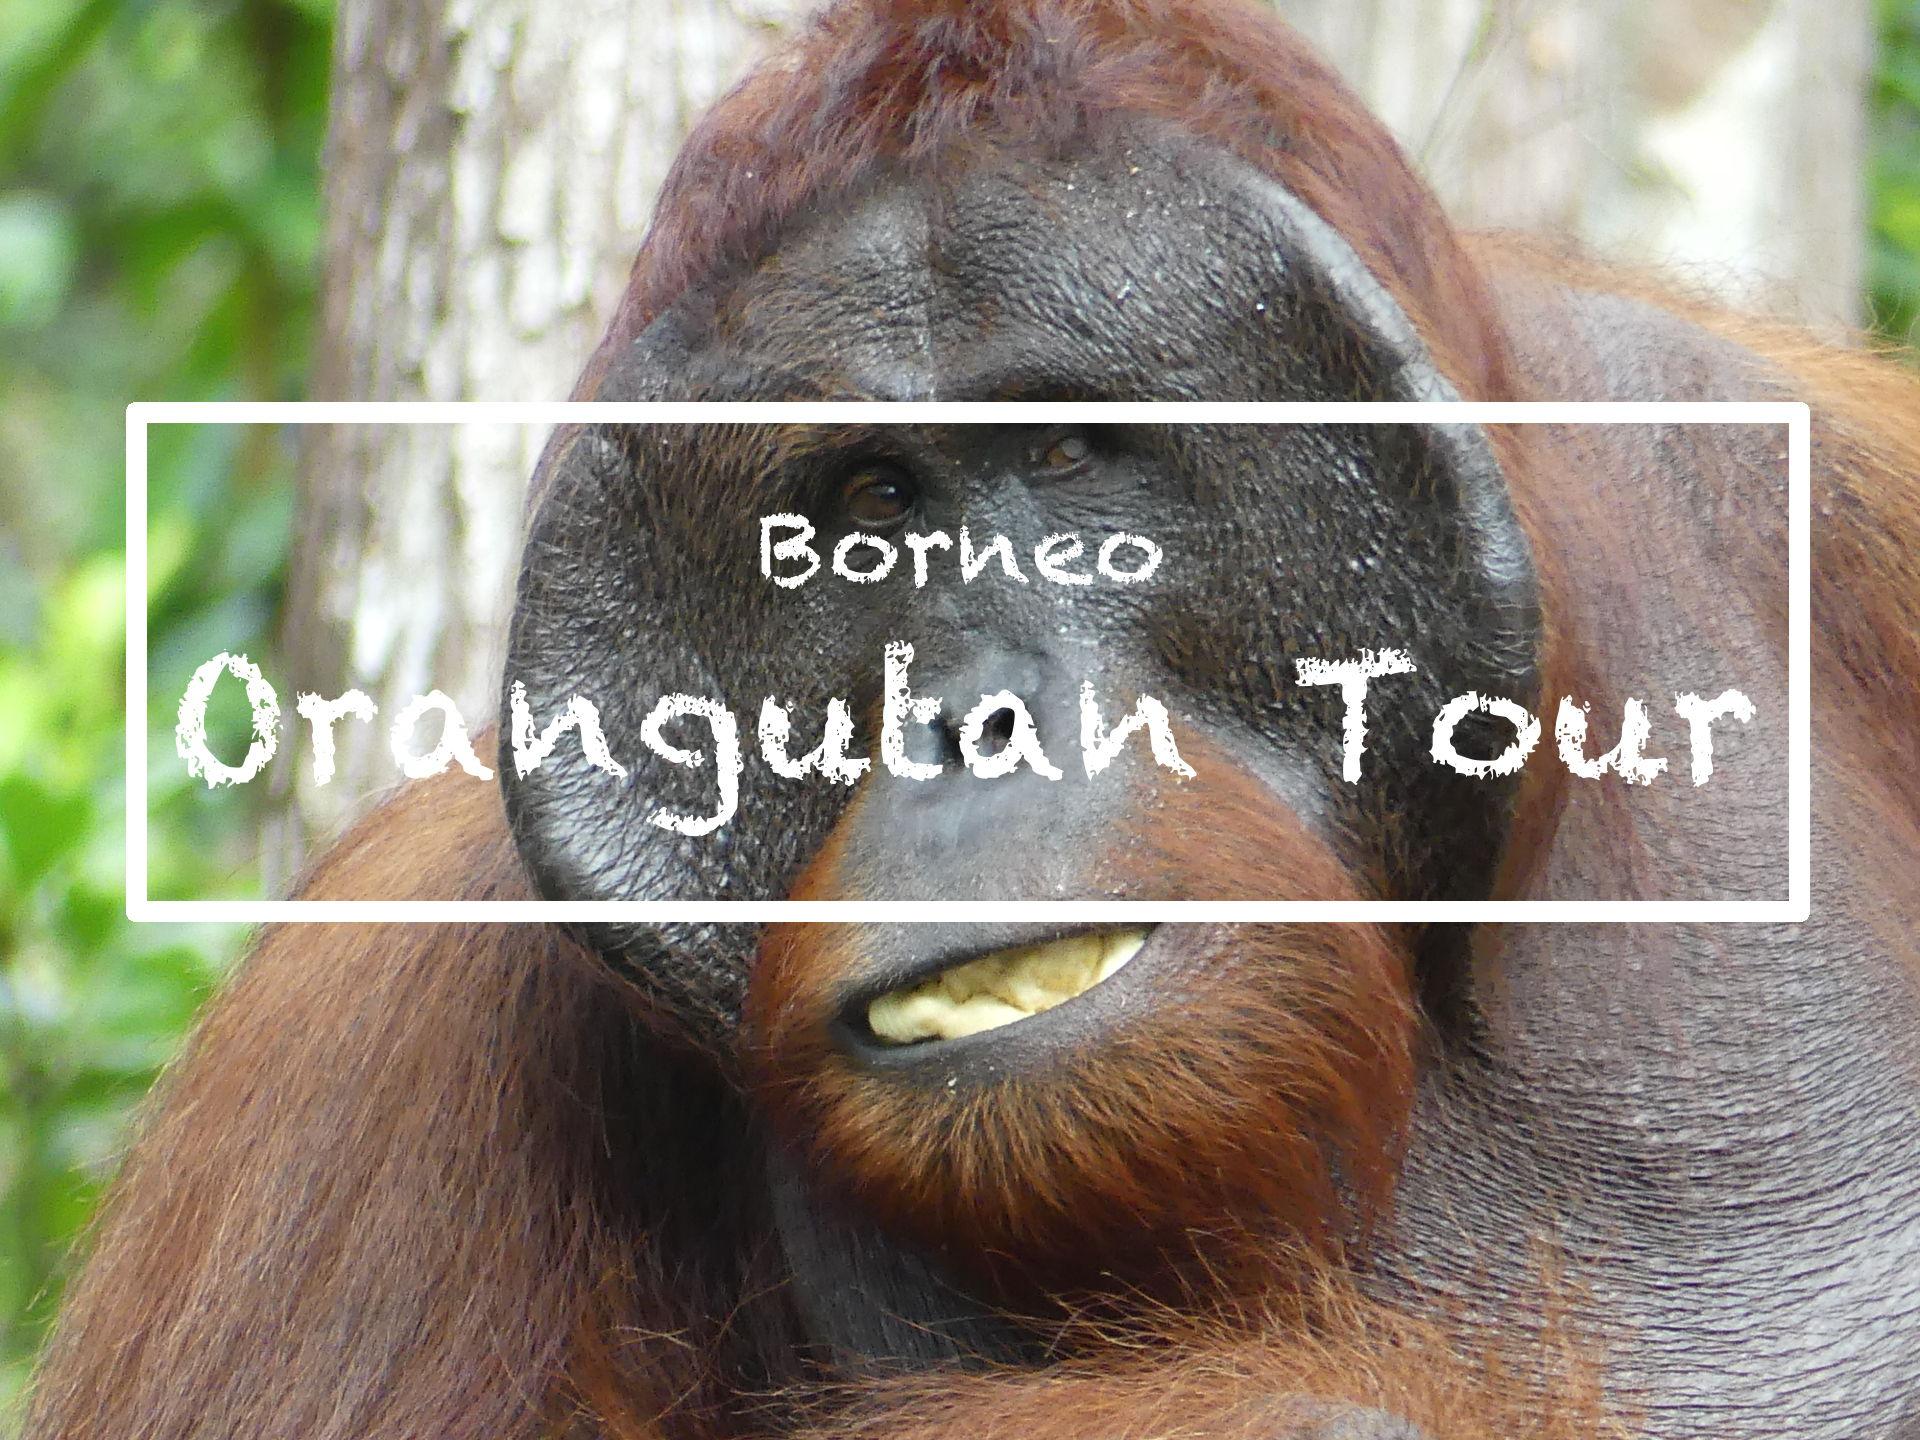 Orangutan Tour in Borneo